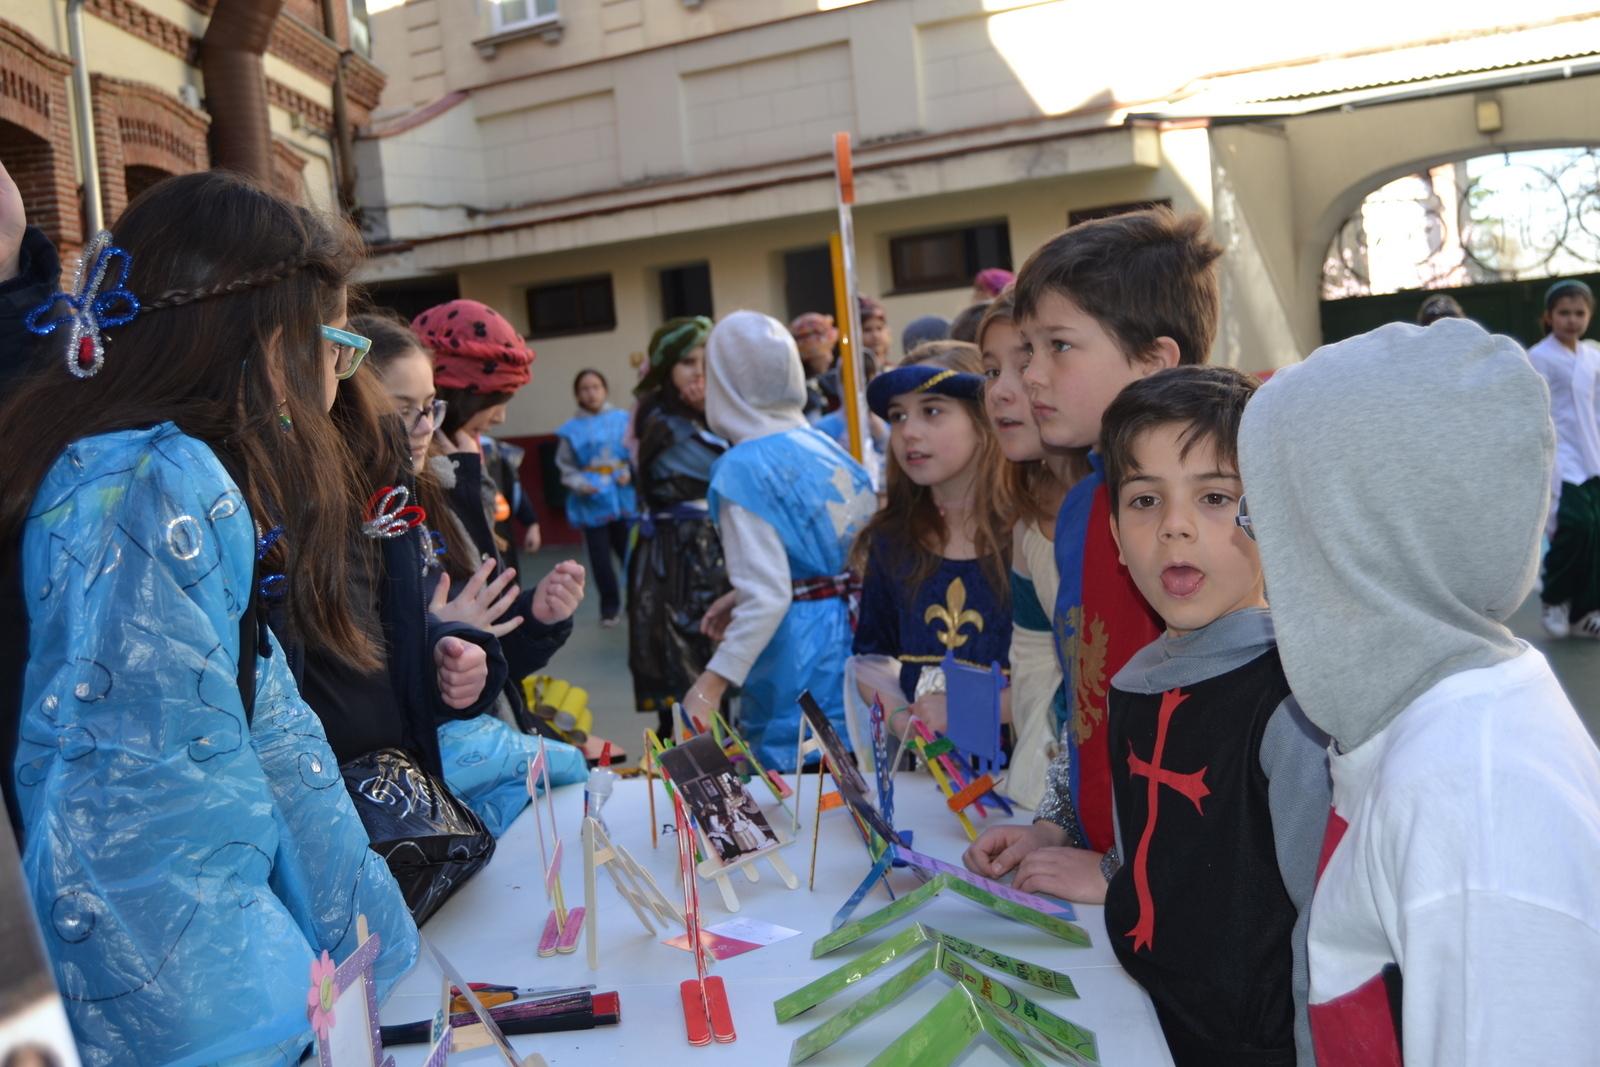 Jornadas Culturales y Depoortivas 2018 Exposiciones 1 19